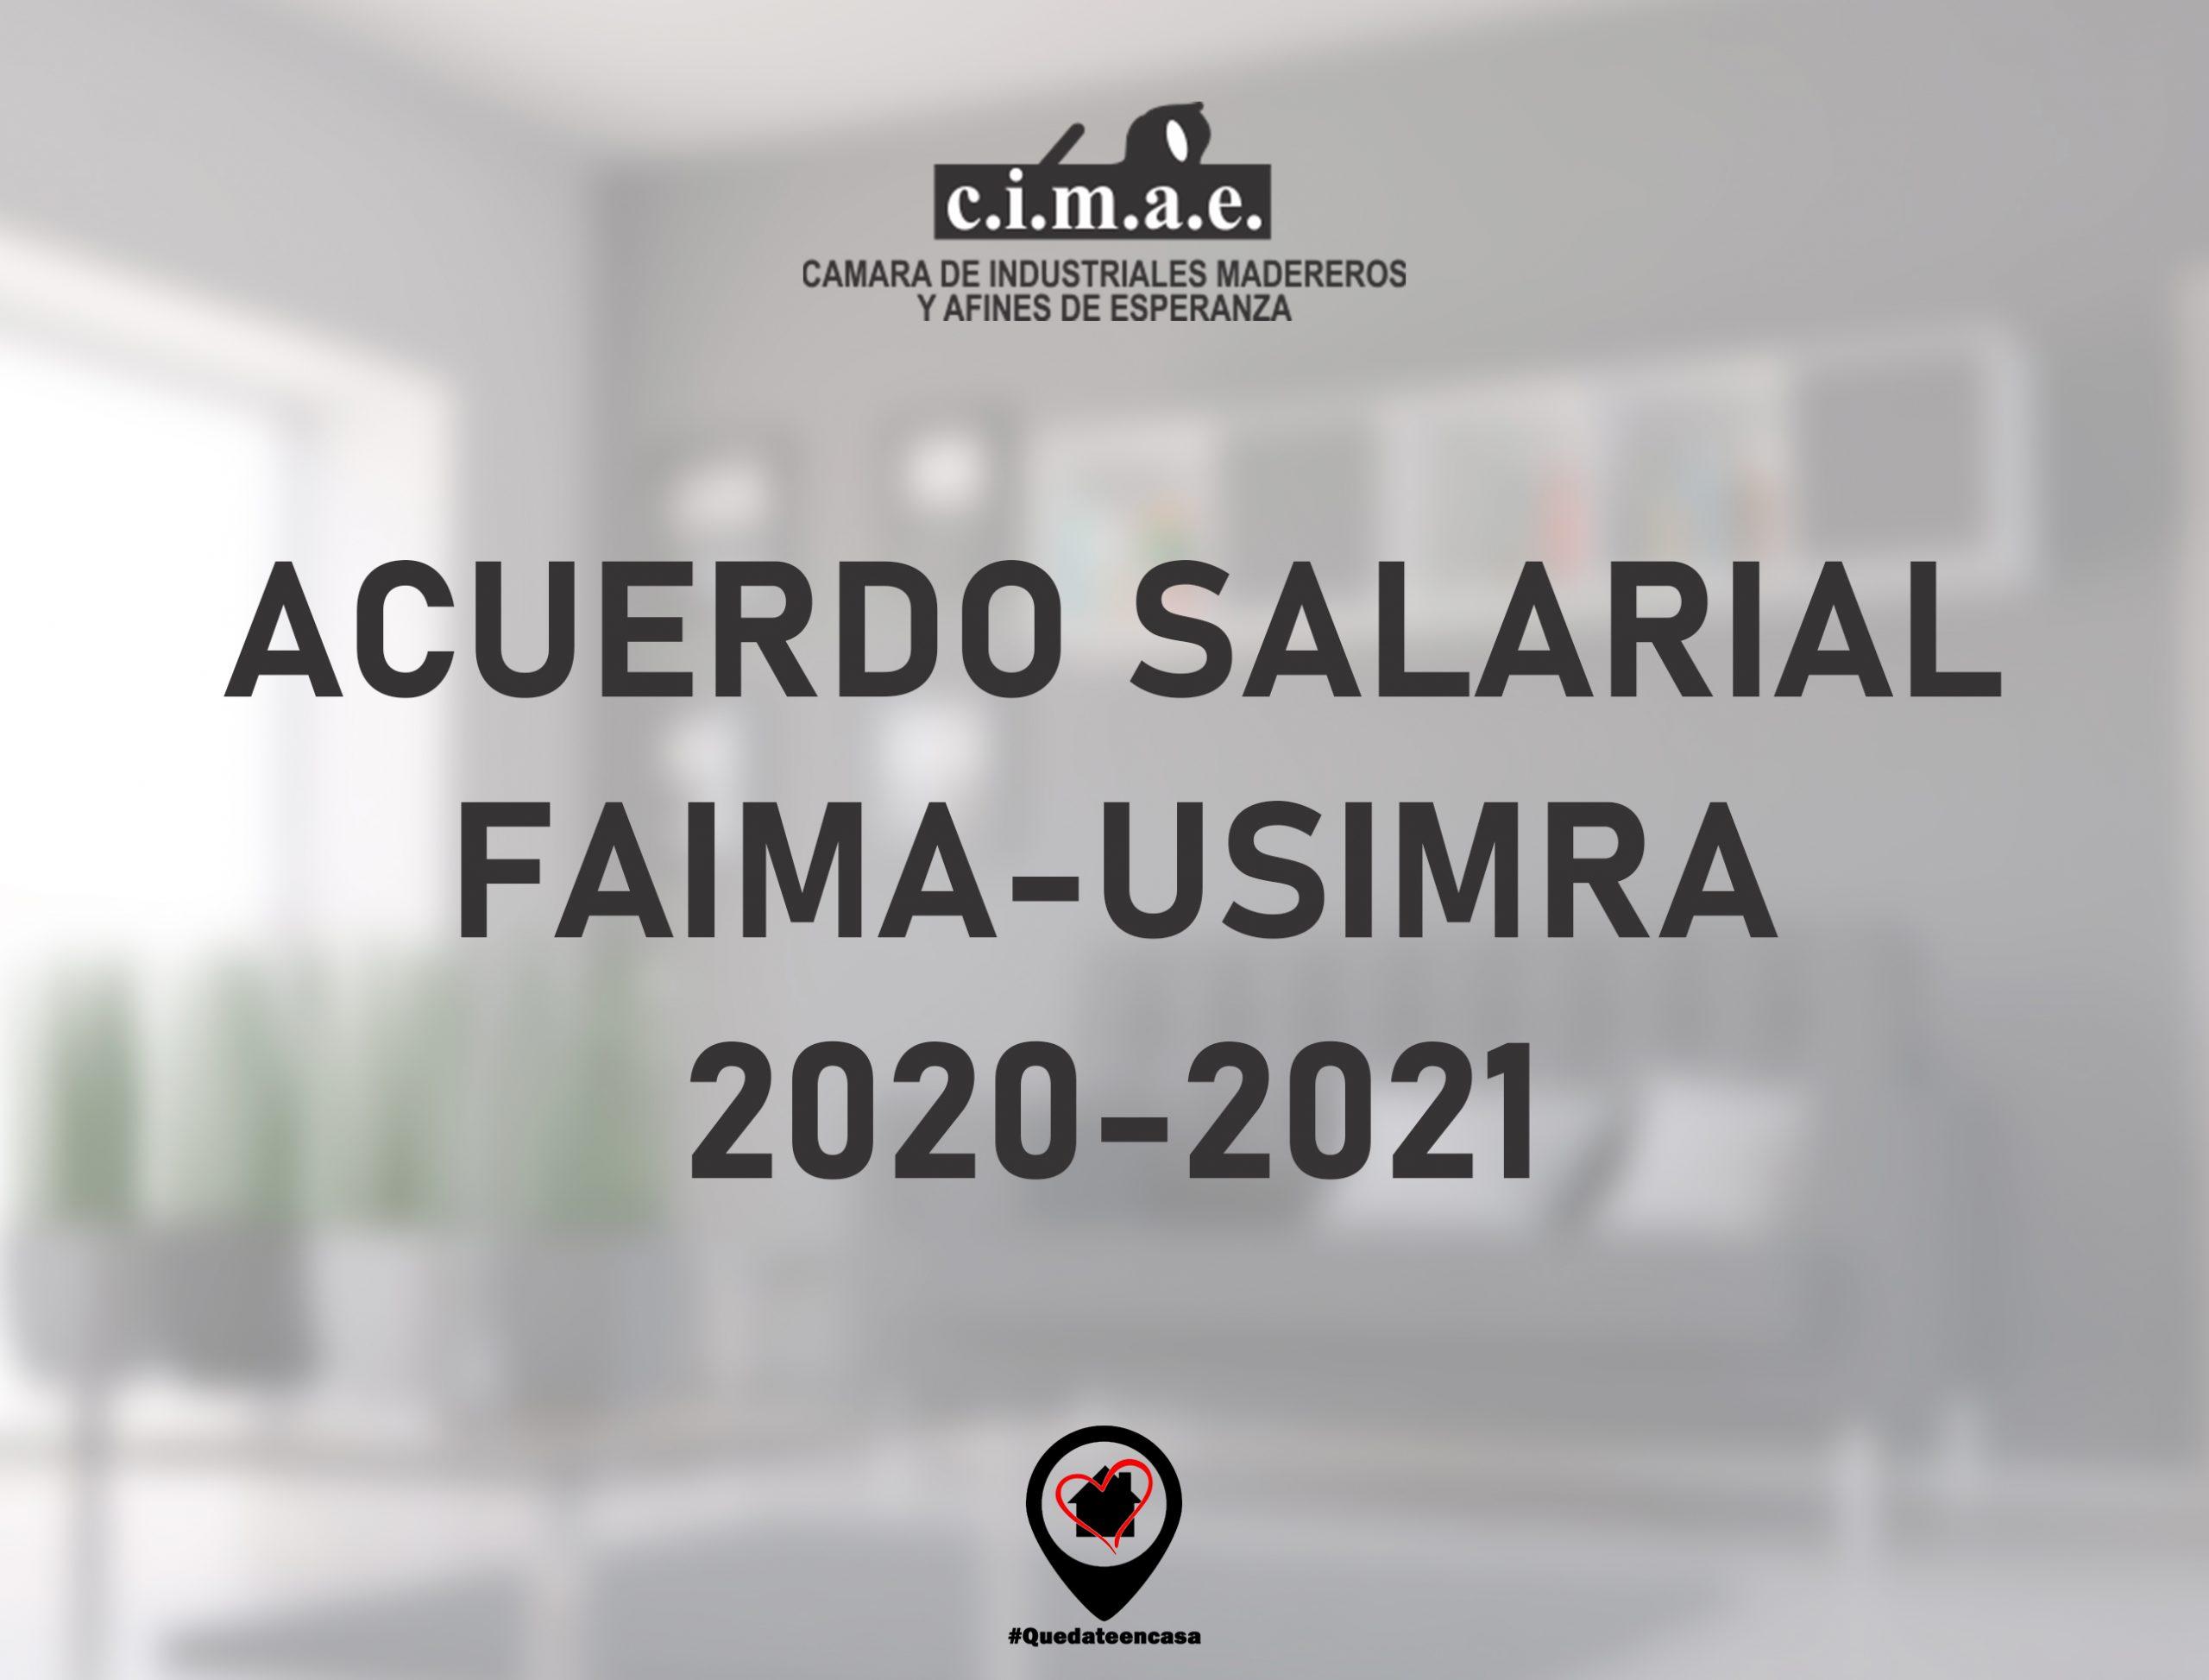 Acuerdo salarial FAIMA-USIMRA 2020-2021: Escalas salariales